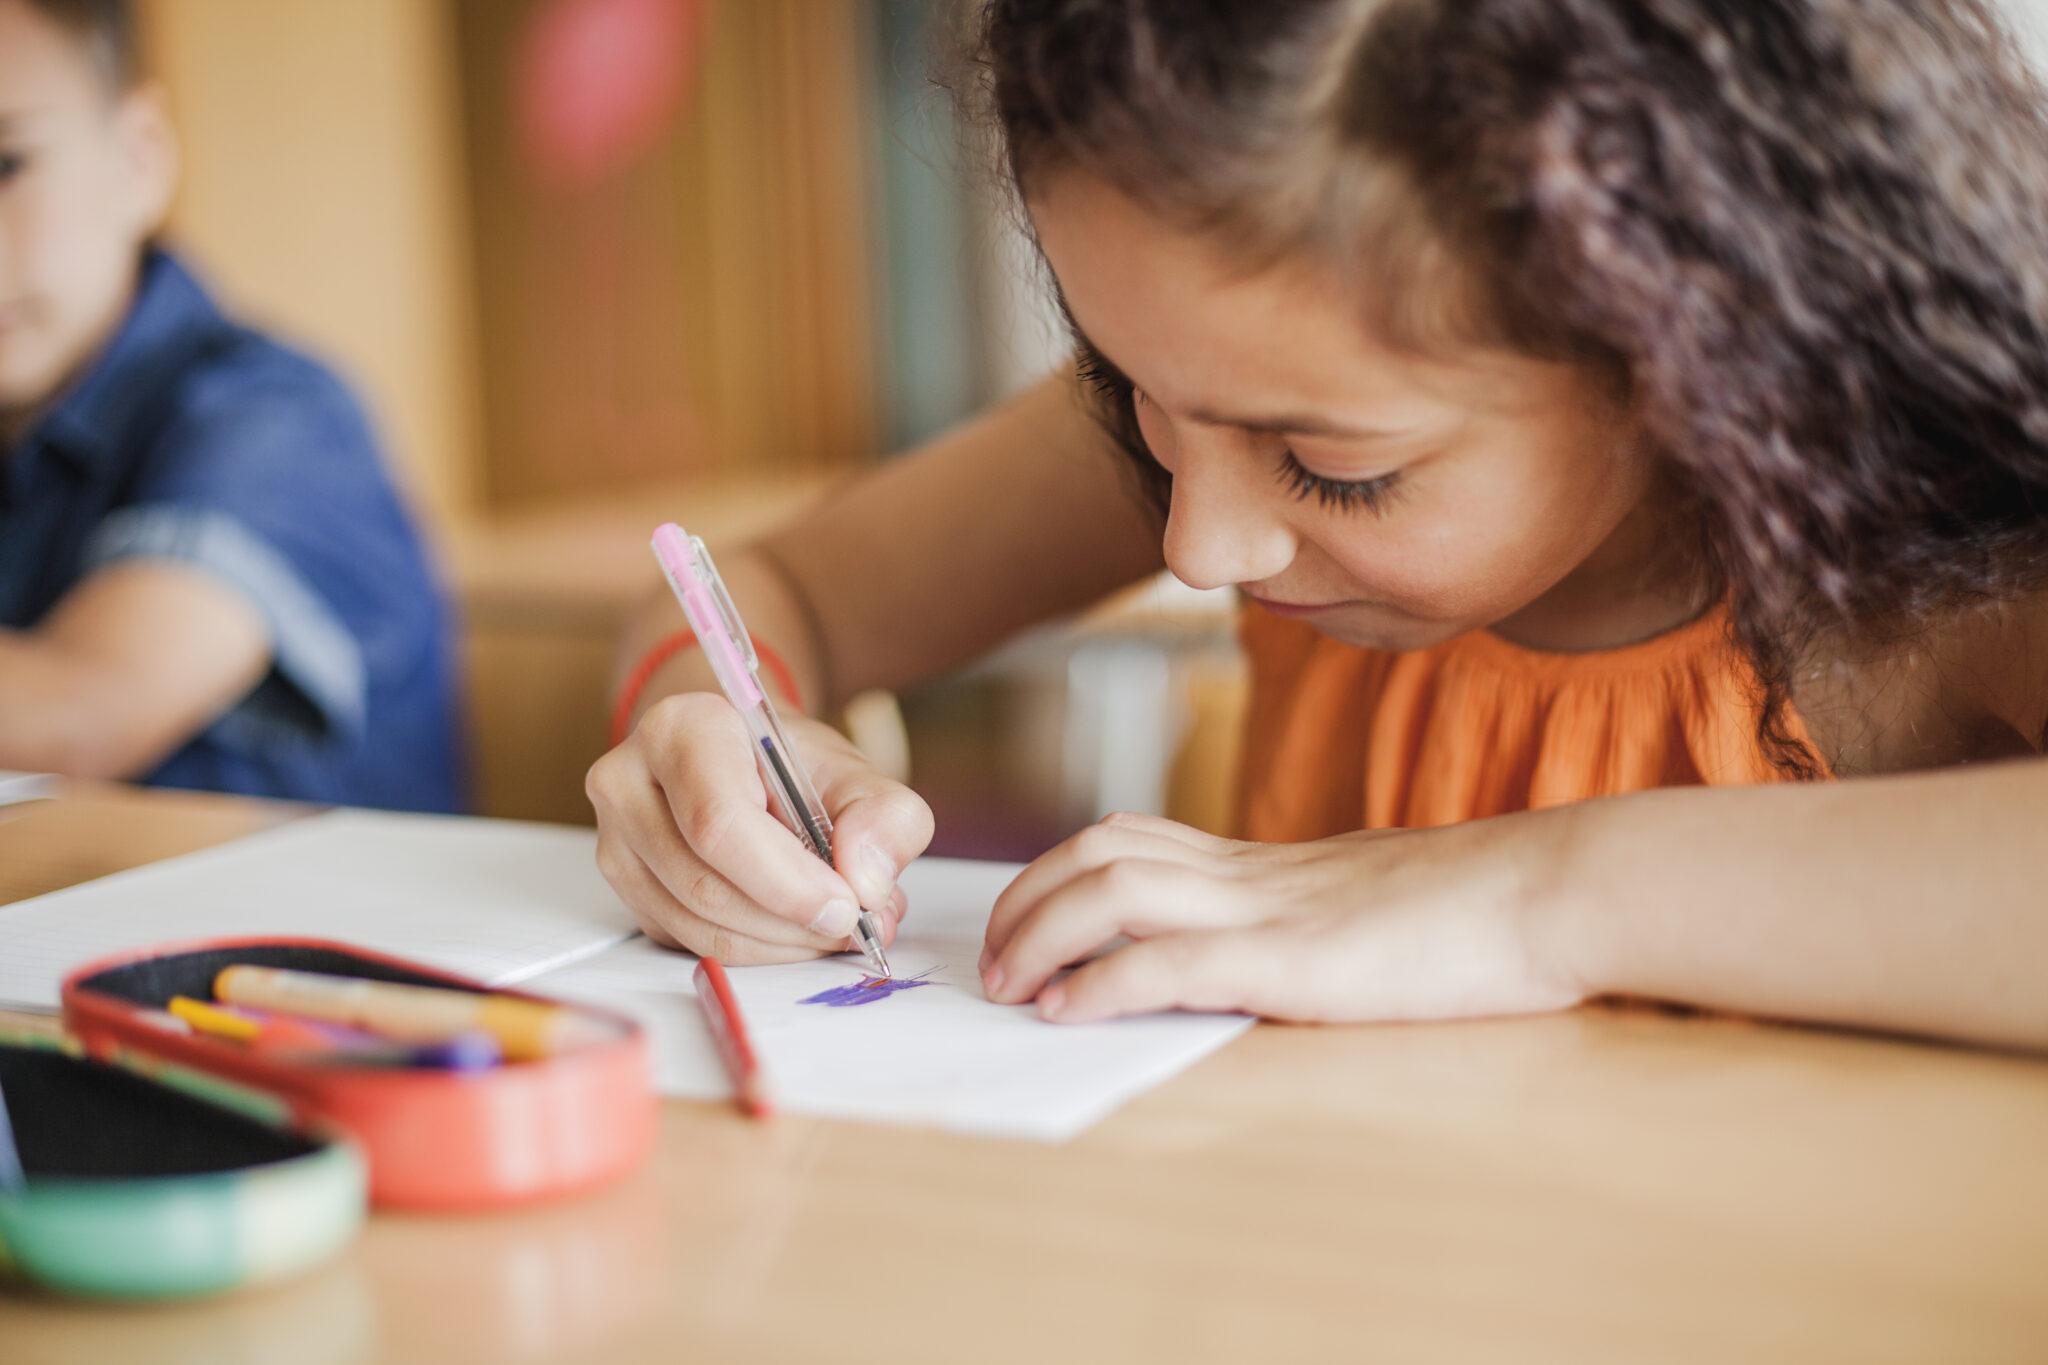 Congresso aprova proposta que retira R$ 1,4 bi da educação e libera recursos para obras 3